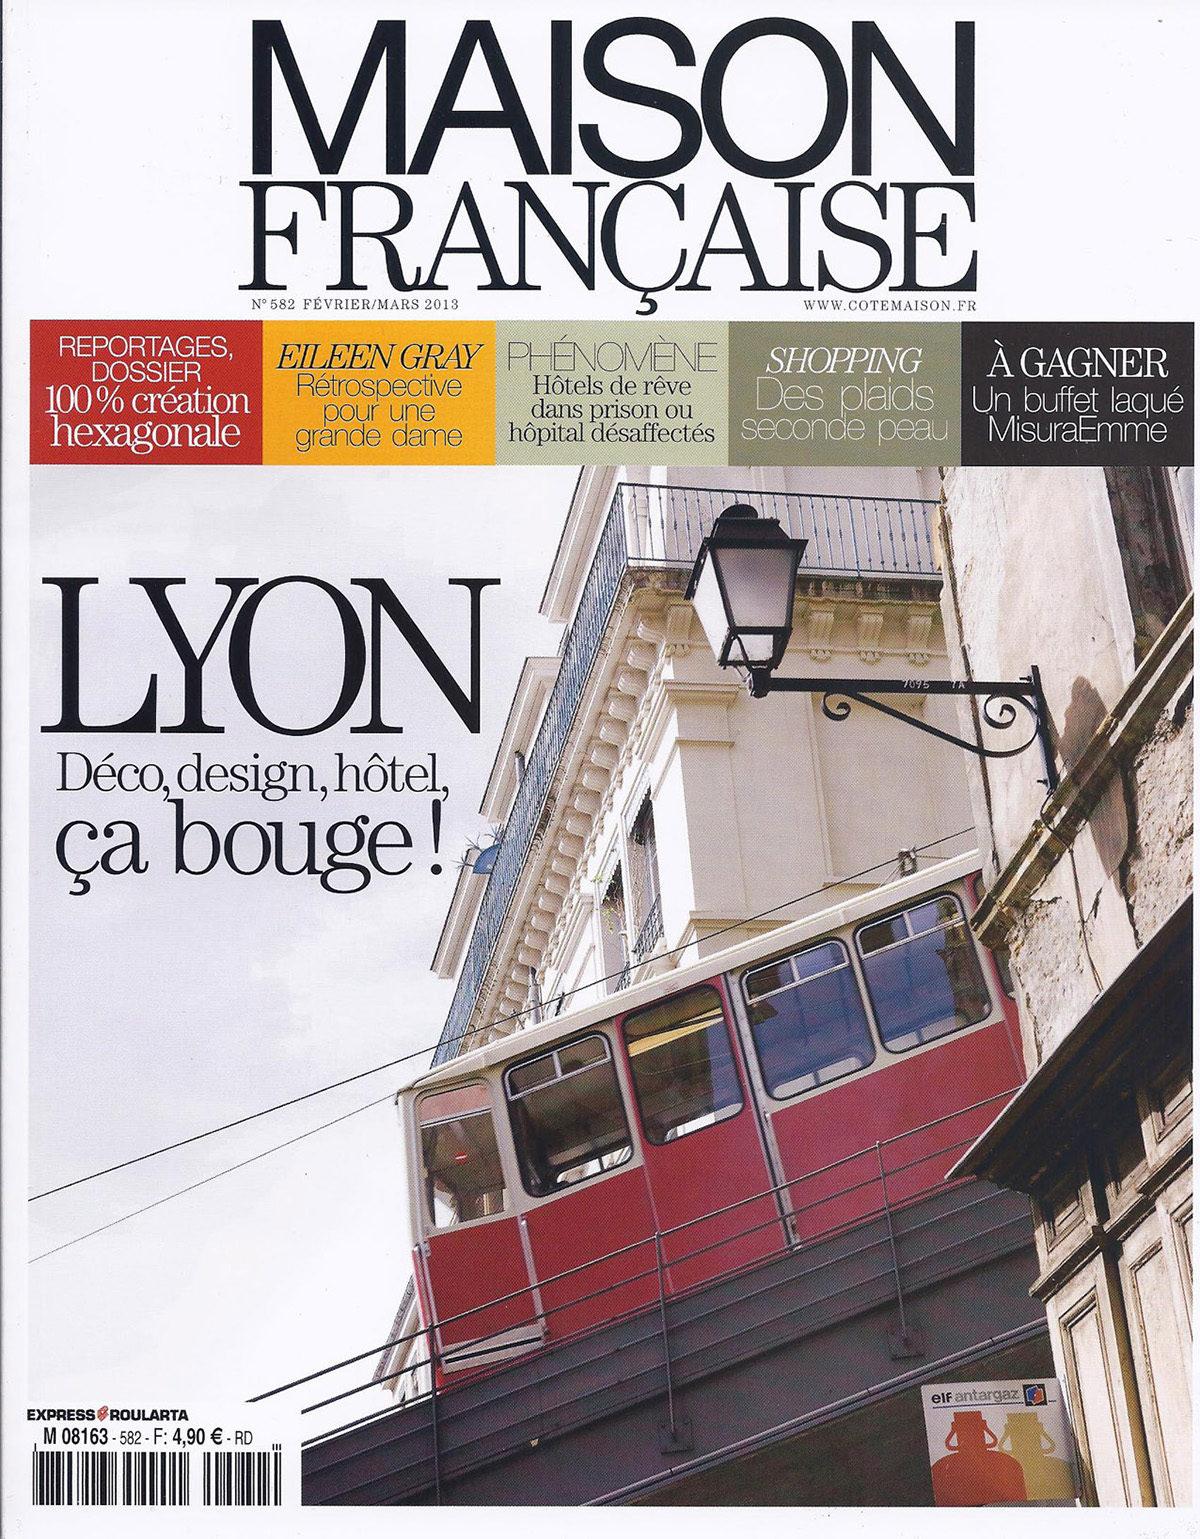 Parution presse MAISON FRANÇAISE 2013 Claude Cartier décoration architecte d'intérieur à Lyon.